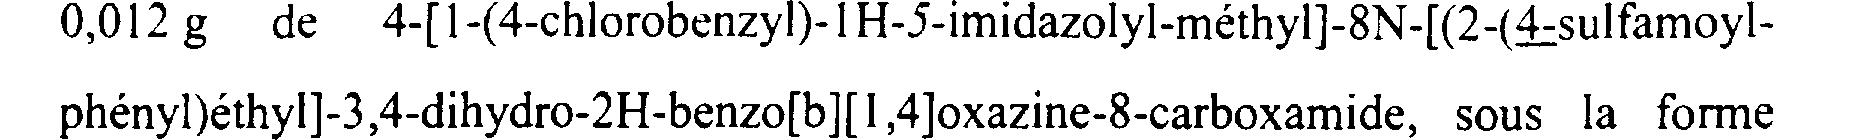 Figure img00810001